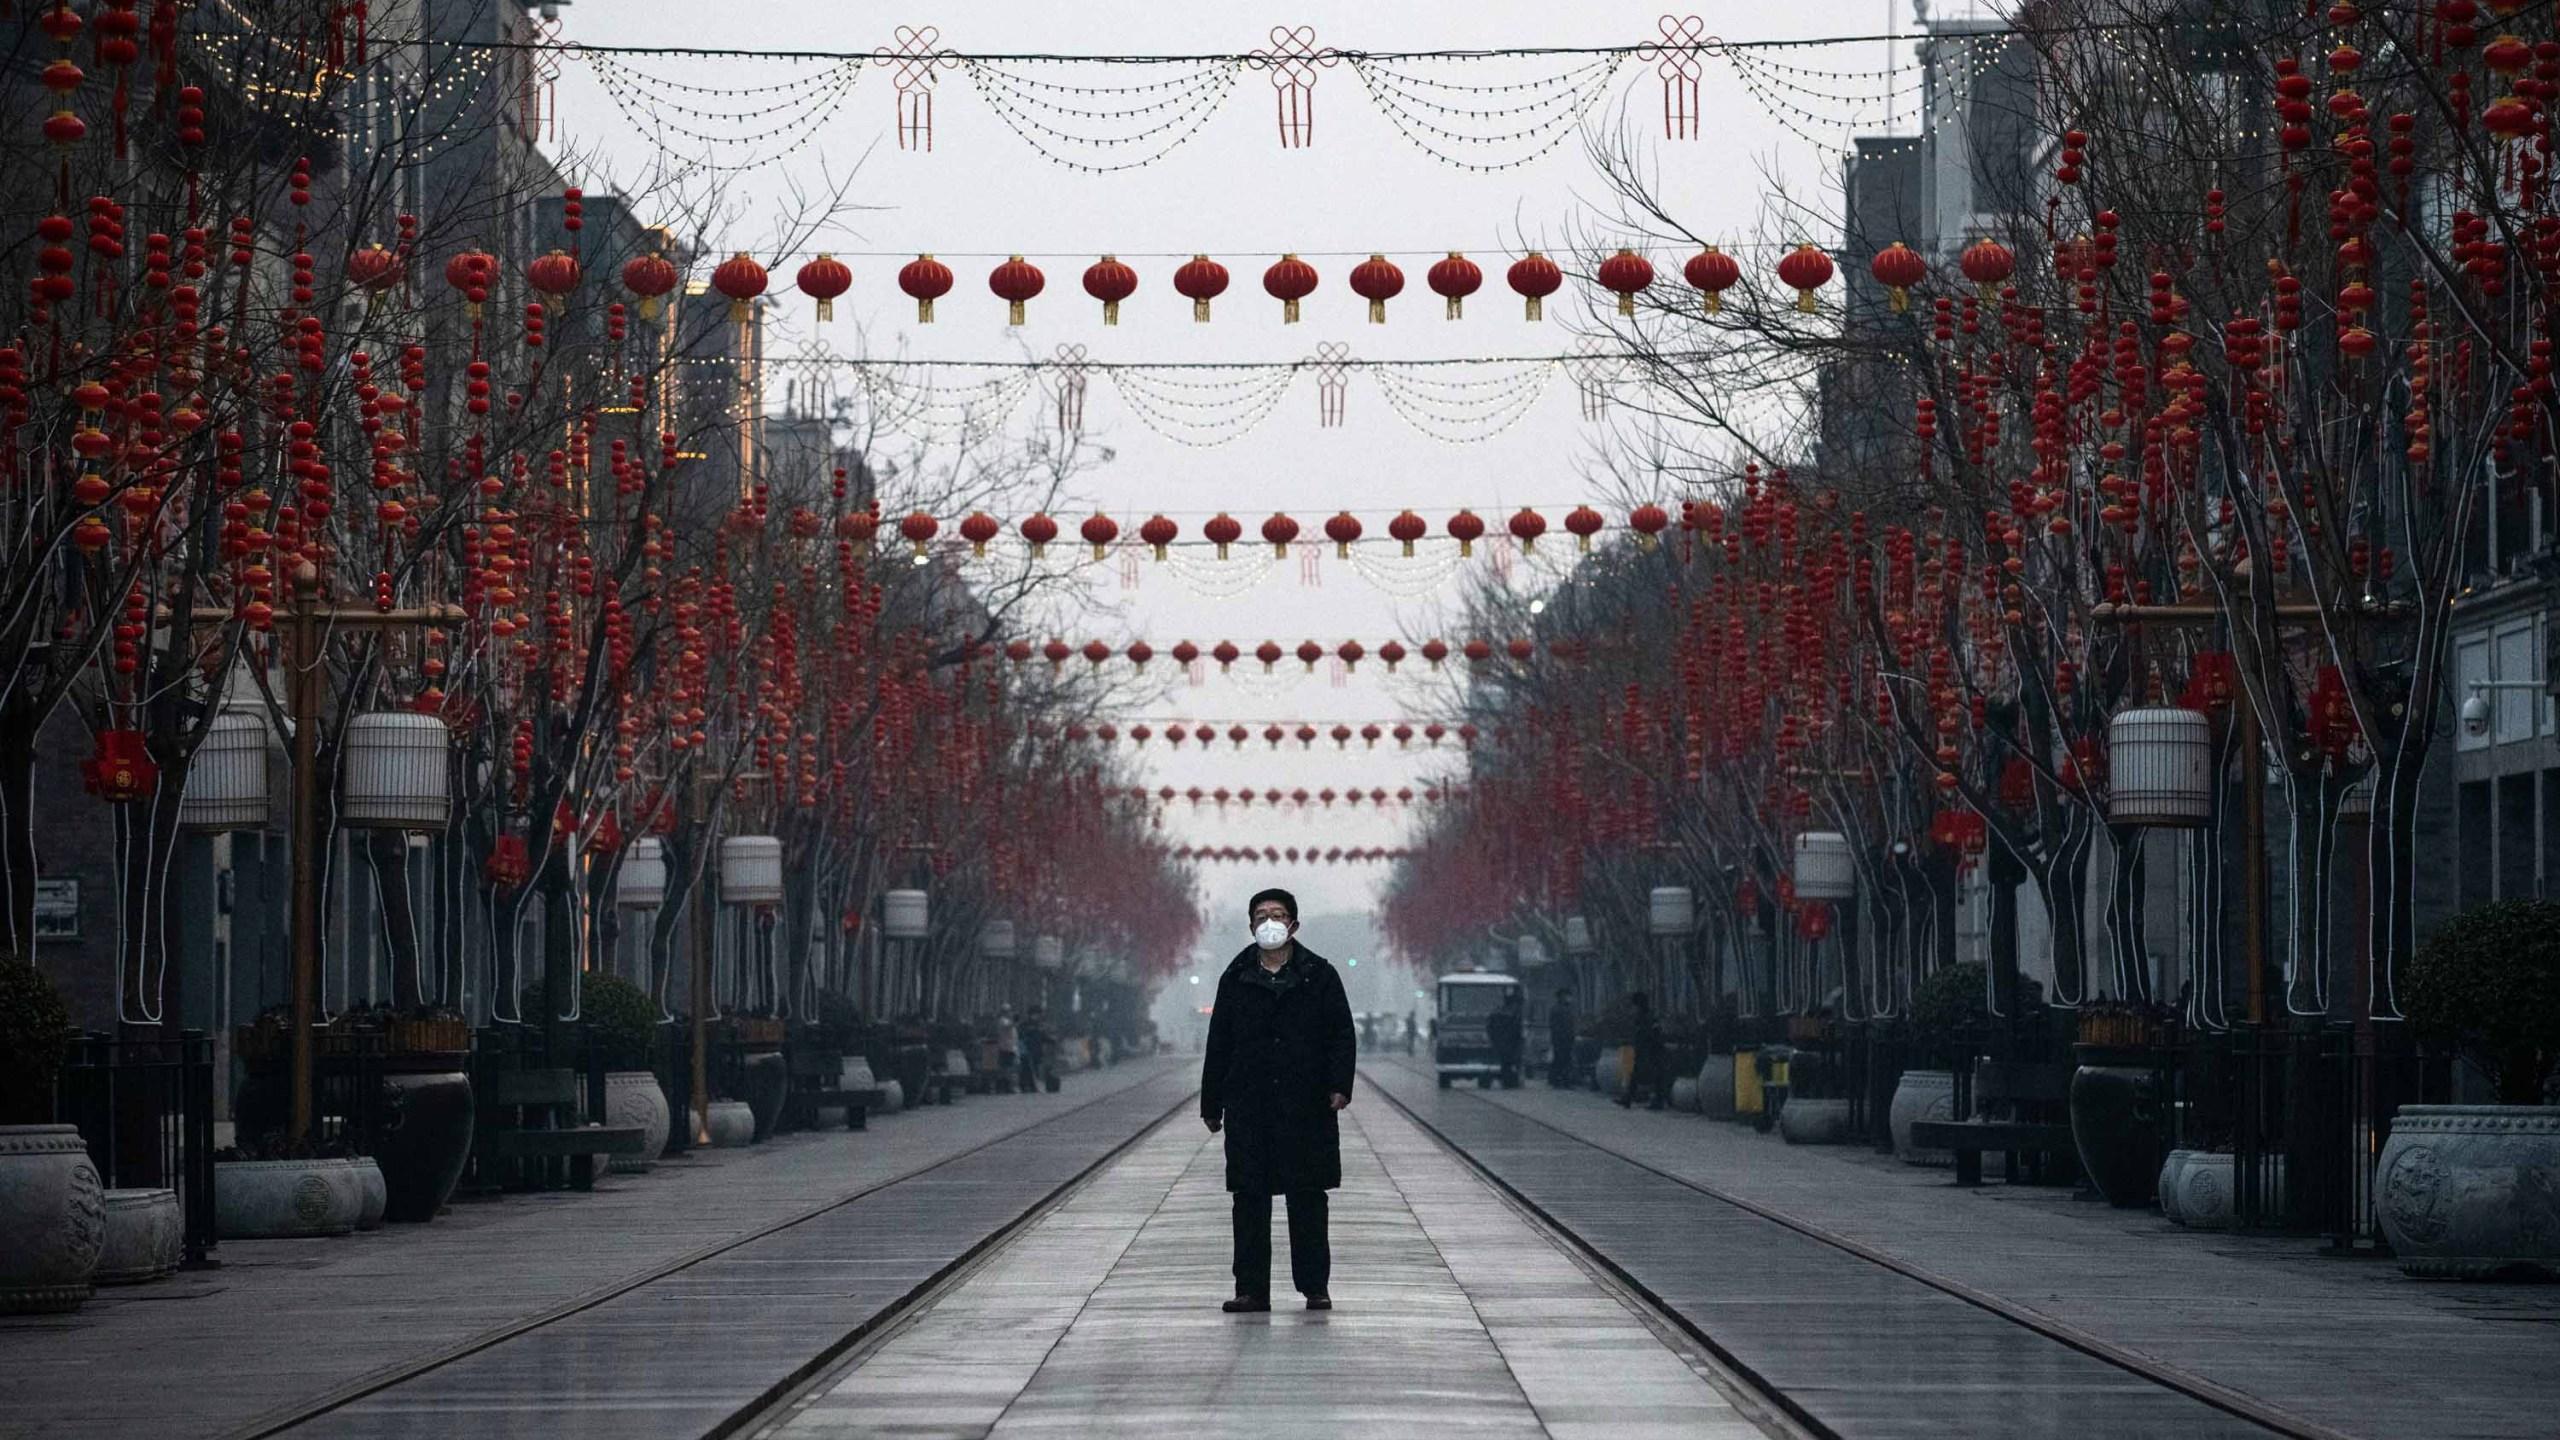 """IADUL CONCENTRAȚIONAR DIN CHINA, pe cale de a fi generalizat la nivel global? CORONAVIRUSUL – oportunitate pentru instituirea STATULUI POLIȚIENESC CEL MAI DRACONIC CU PUTINȚĂ/ Directorul general al OMS apasă BUTONUL ROȘU DE PANICĂ: <i>""""Un virus poate avea consecințe mai puternice decât orice acțiune teroristă. ESTE INAMICUL PUBLIC NUMĂRUL 1 PENTRU ÎNTREAGA LUME""""</i>"""